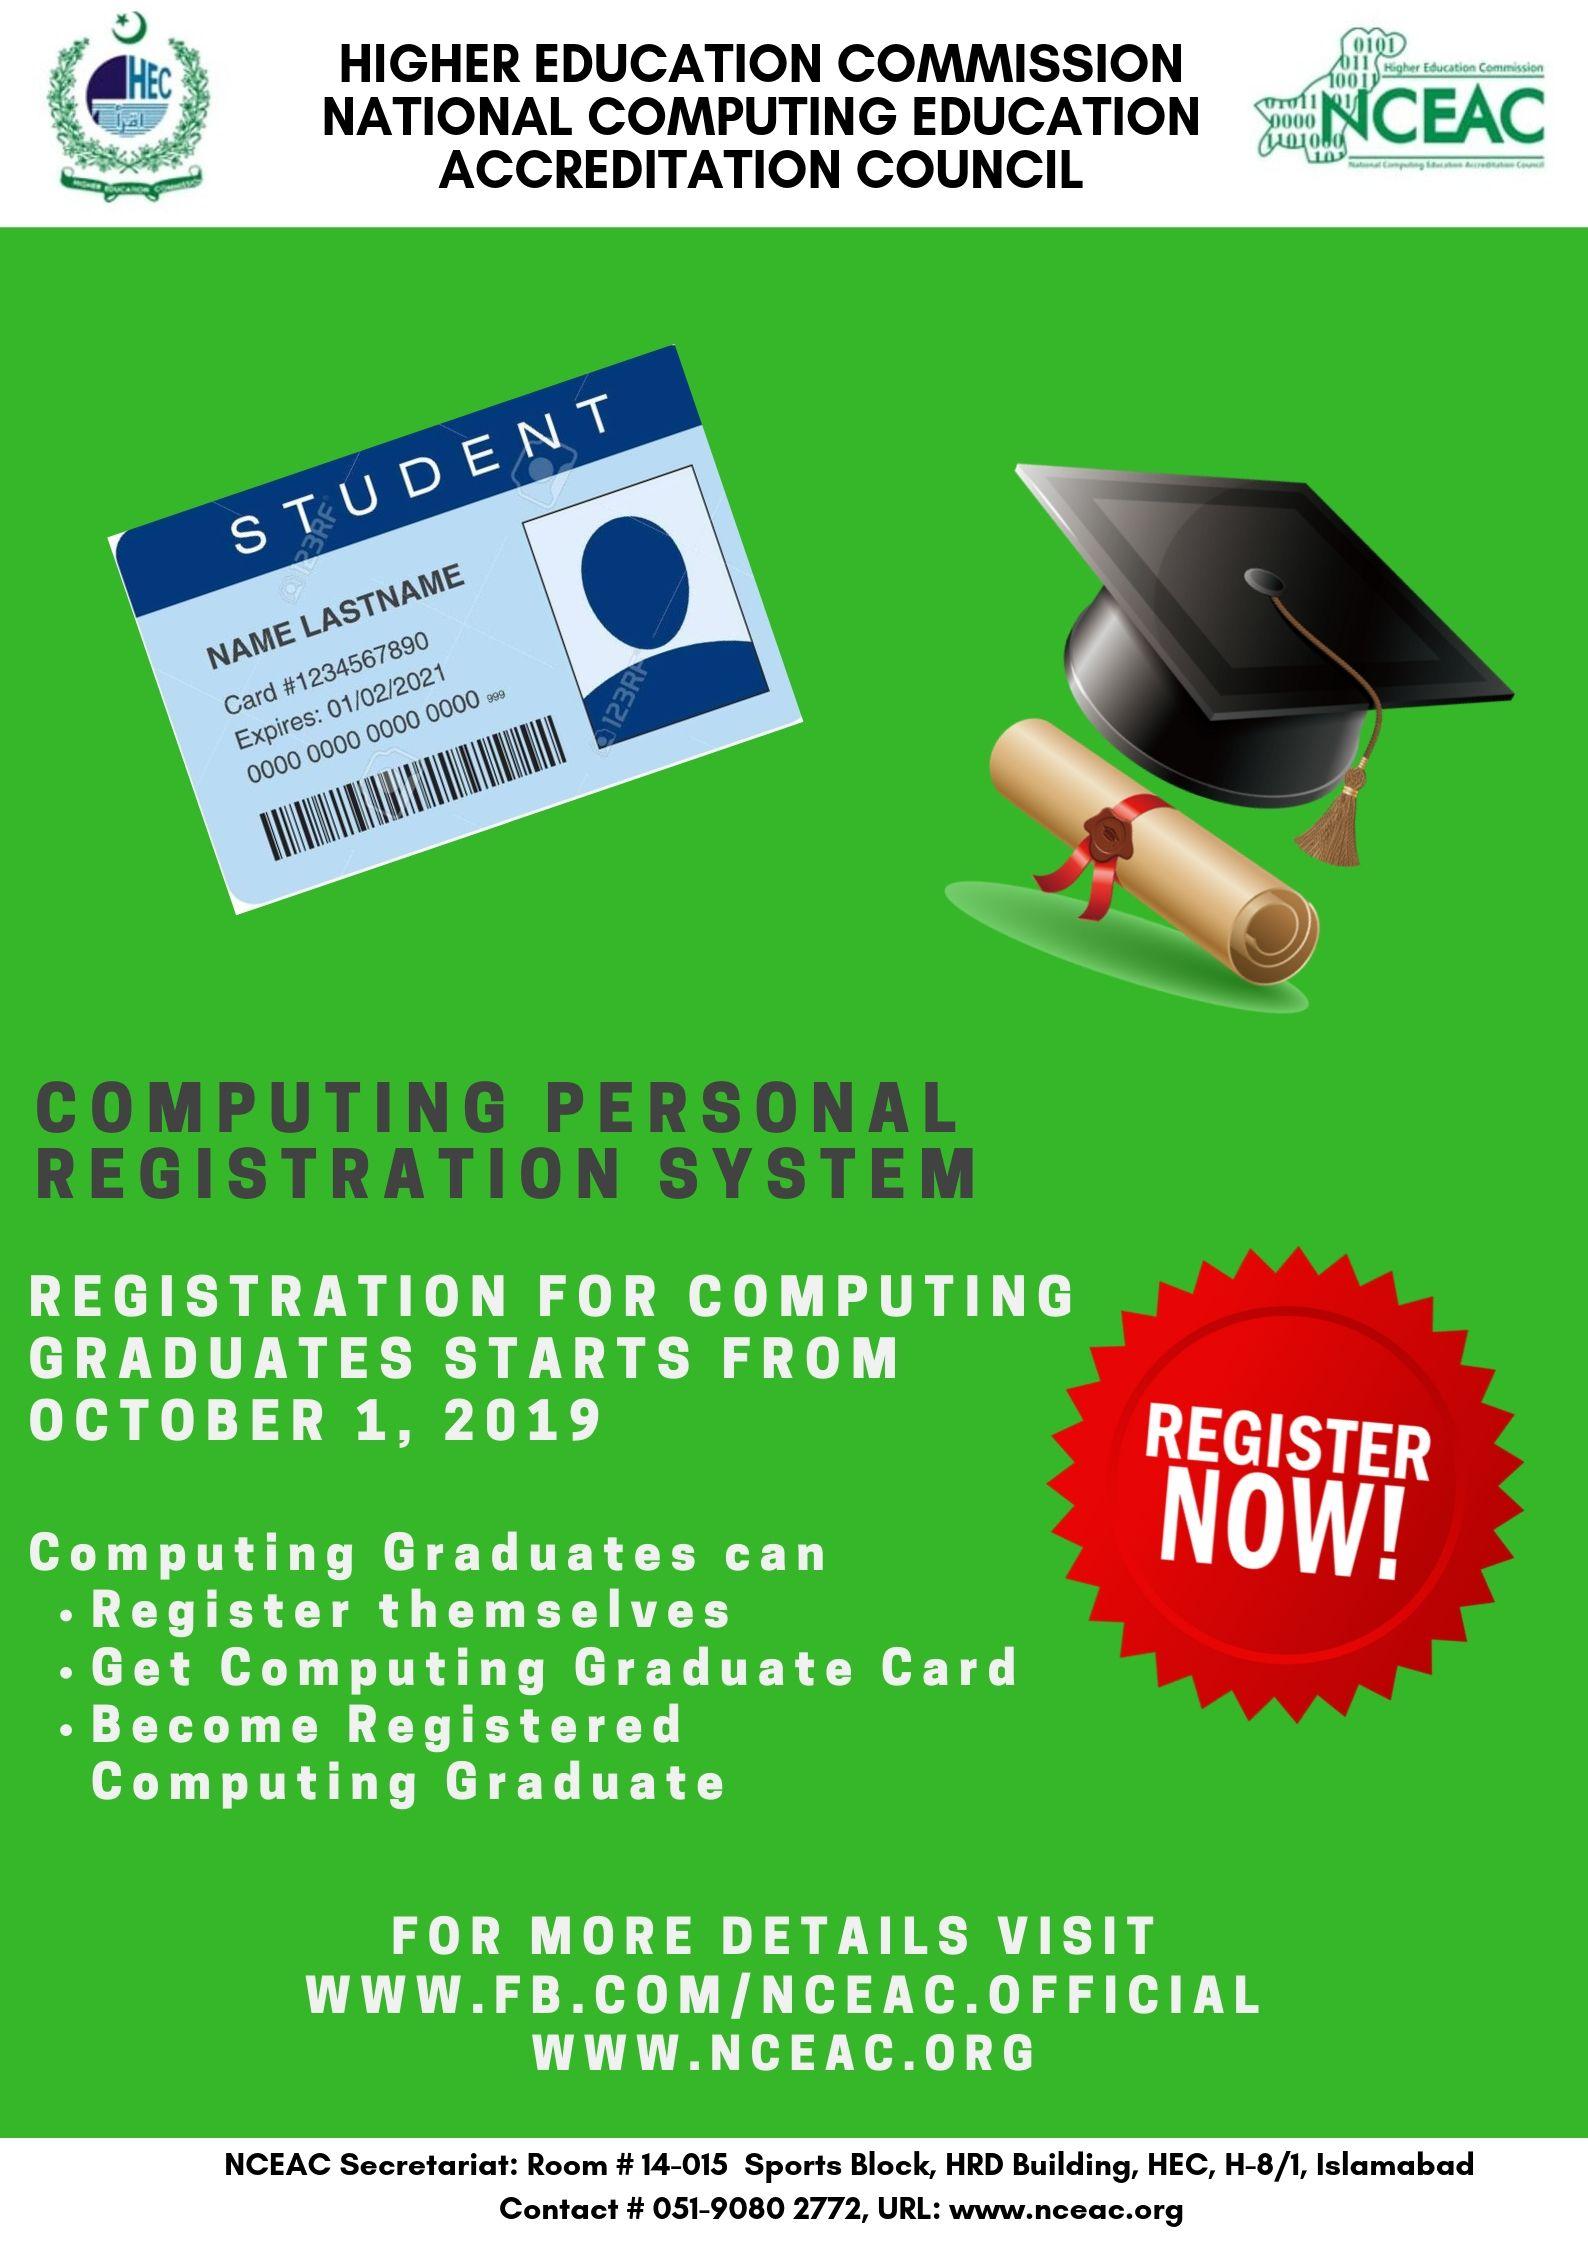 NCEAC Registration for SE Graduates